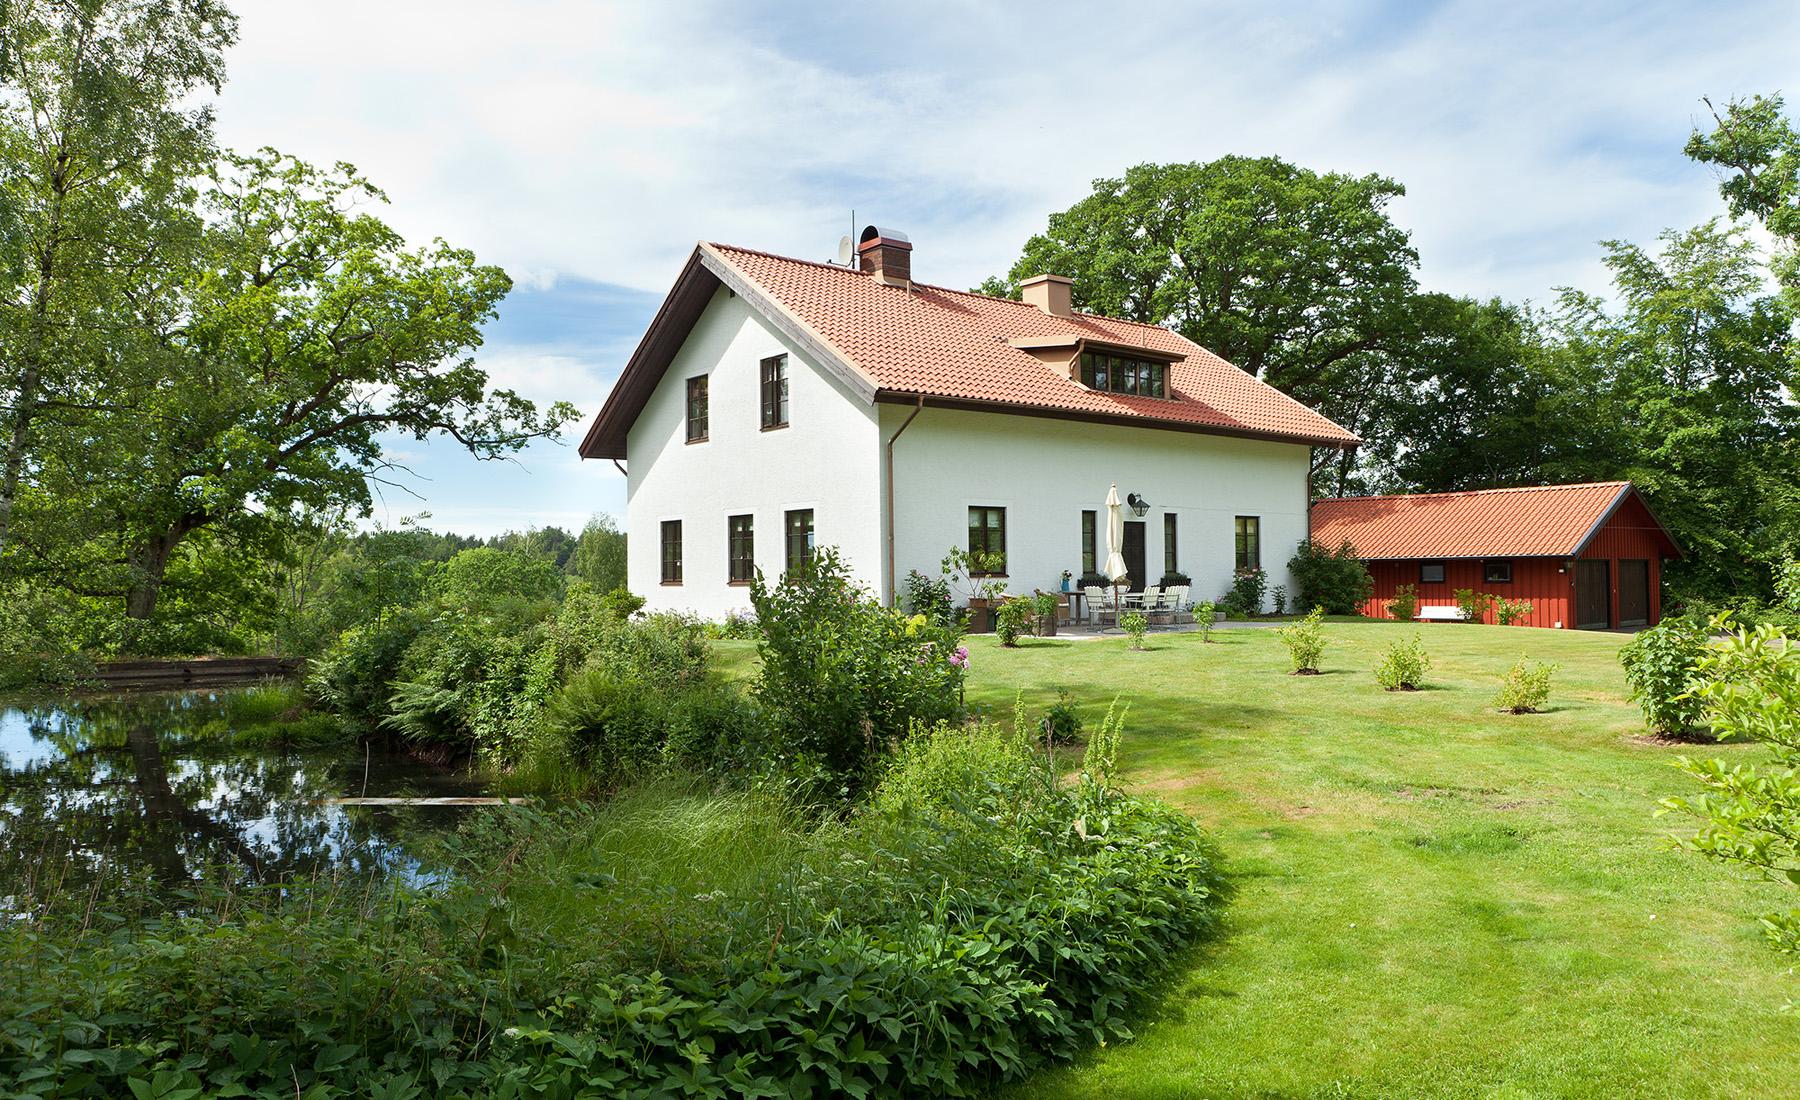 Einfamilienhaus für Verkauf beim An historical house near Torreby Castle and Golf Course Torreby 51 Other Vastra Gotaland, Vastra Gotaland, 45593 Schweden